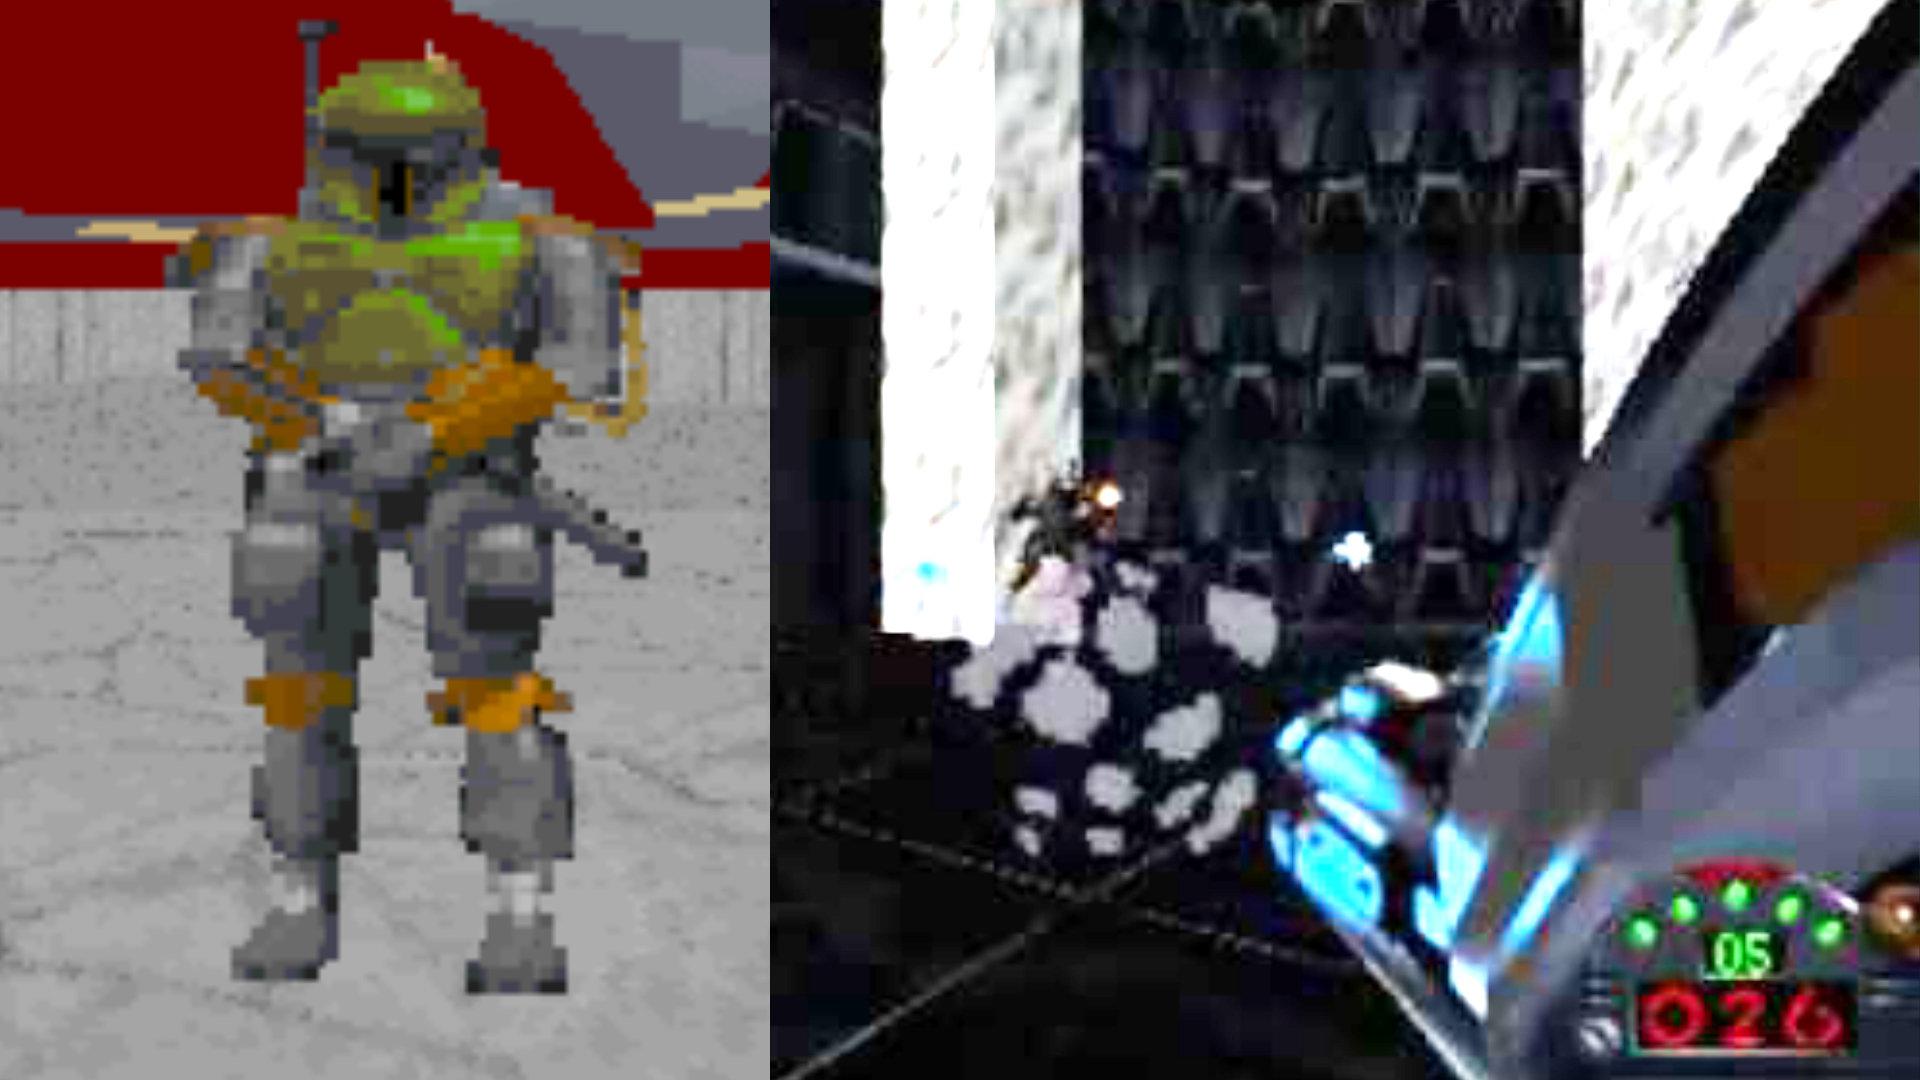 """Als Boba Fett noch mysteriös und nicht geklont und LucasArts überaus fleißig und engagiert, scheiterten 1995 tausende Möchte-Gern Rebellensöldner im Ego-Shooter Dark Forces an der feinen Khaki-farbenen Überraschung auf Coruscant, dem Zentrum des Galaktischen Imperiums im Star Wars-Universum. Oder wie Yoda sagen würde: """"Tu es. Oder tu es nicht. Es gibt kein Speichern."""" (Bild: Andreas Wanda)"""